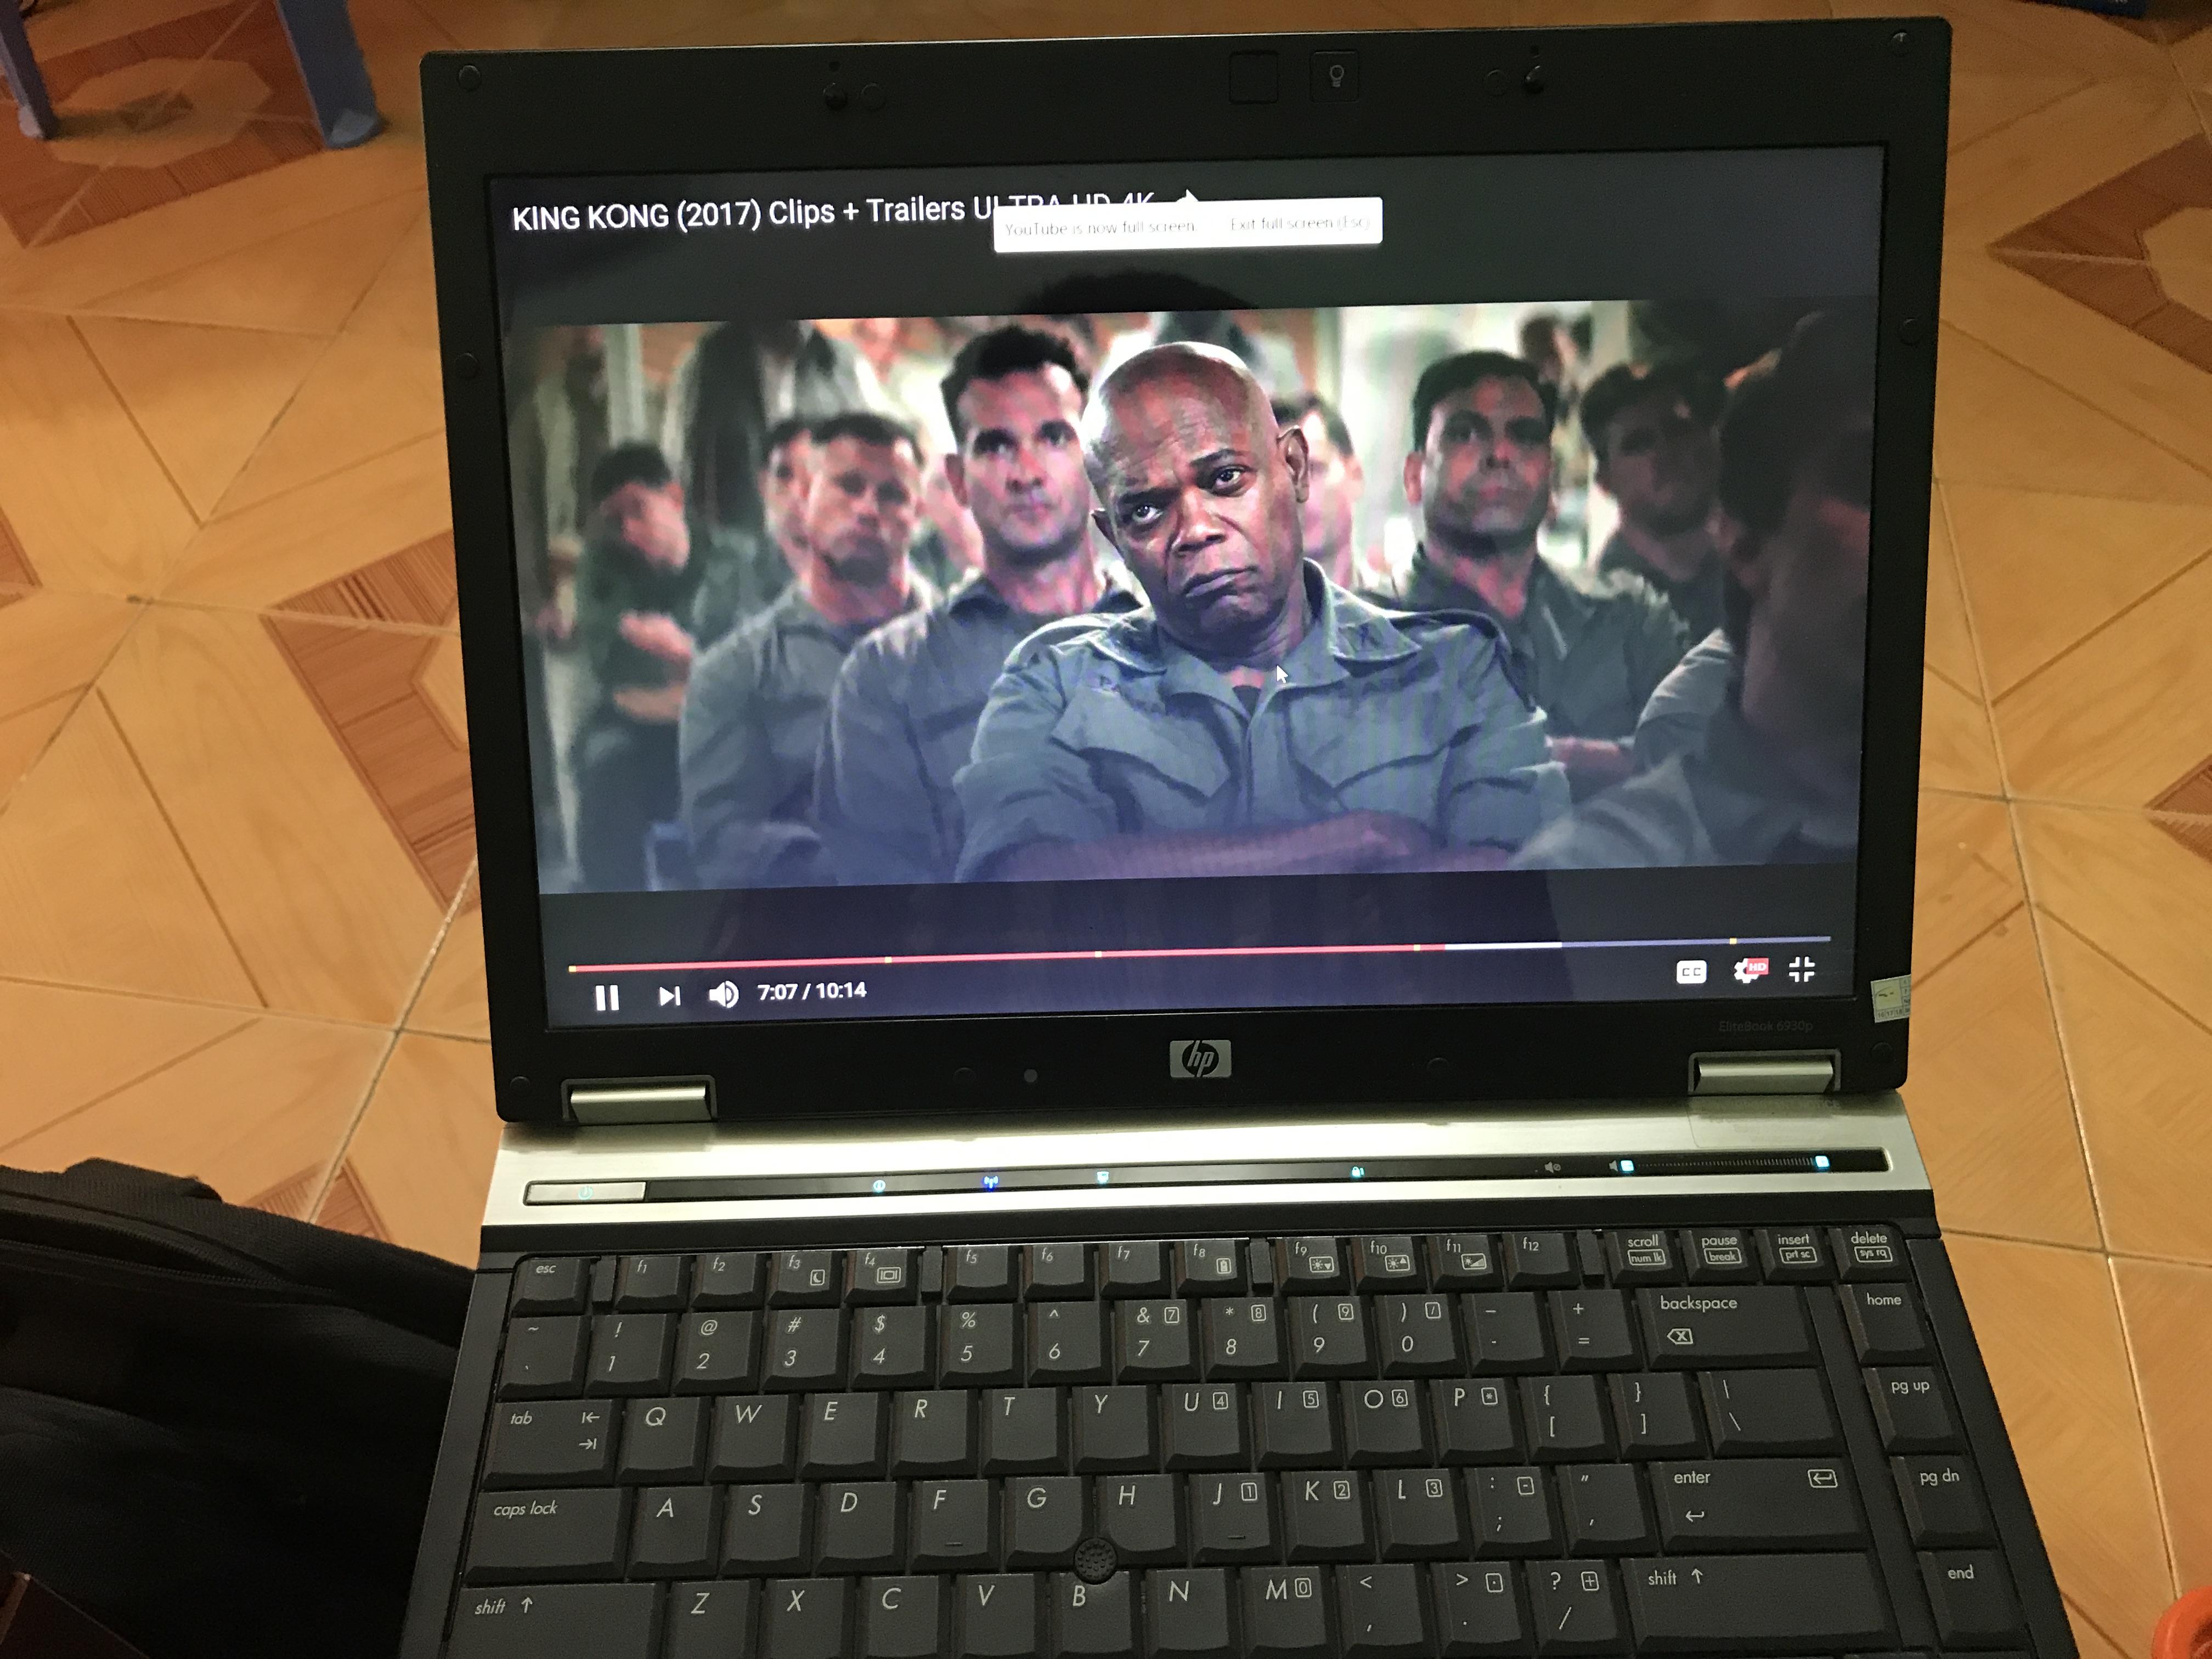 Bán laptop cũ hp rẻ chưa tới 3 triệu cho sinh viên